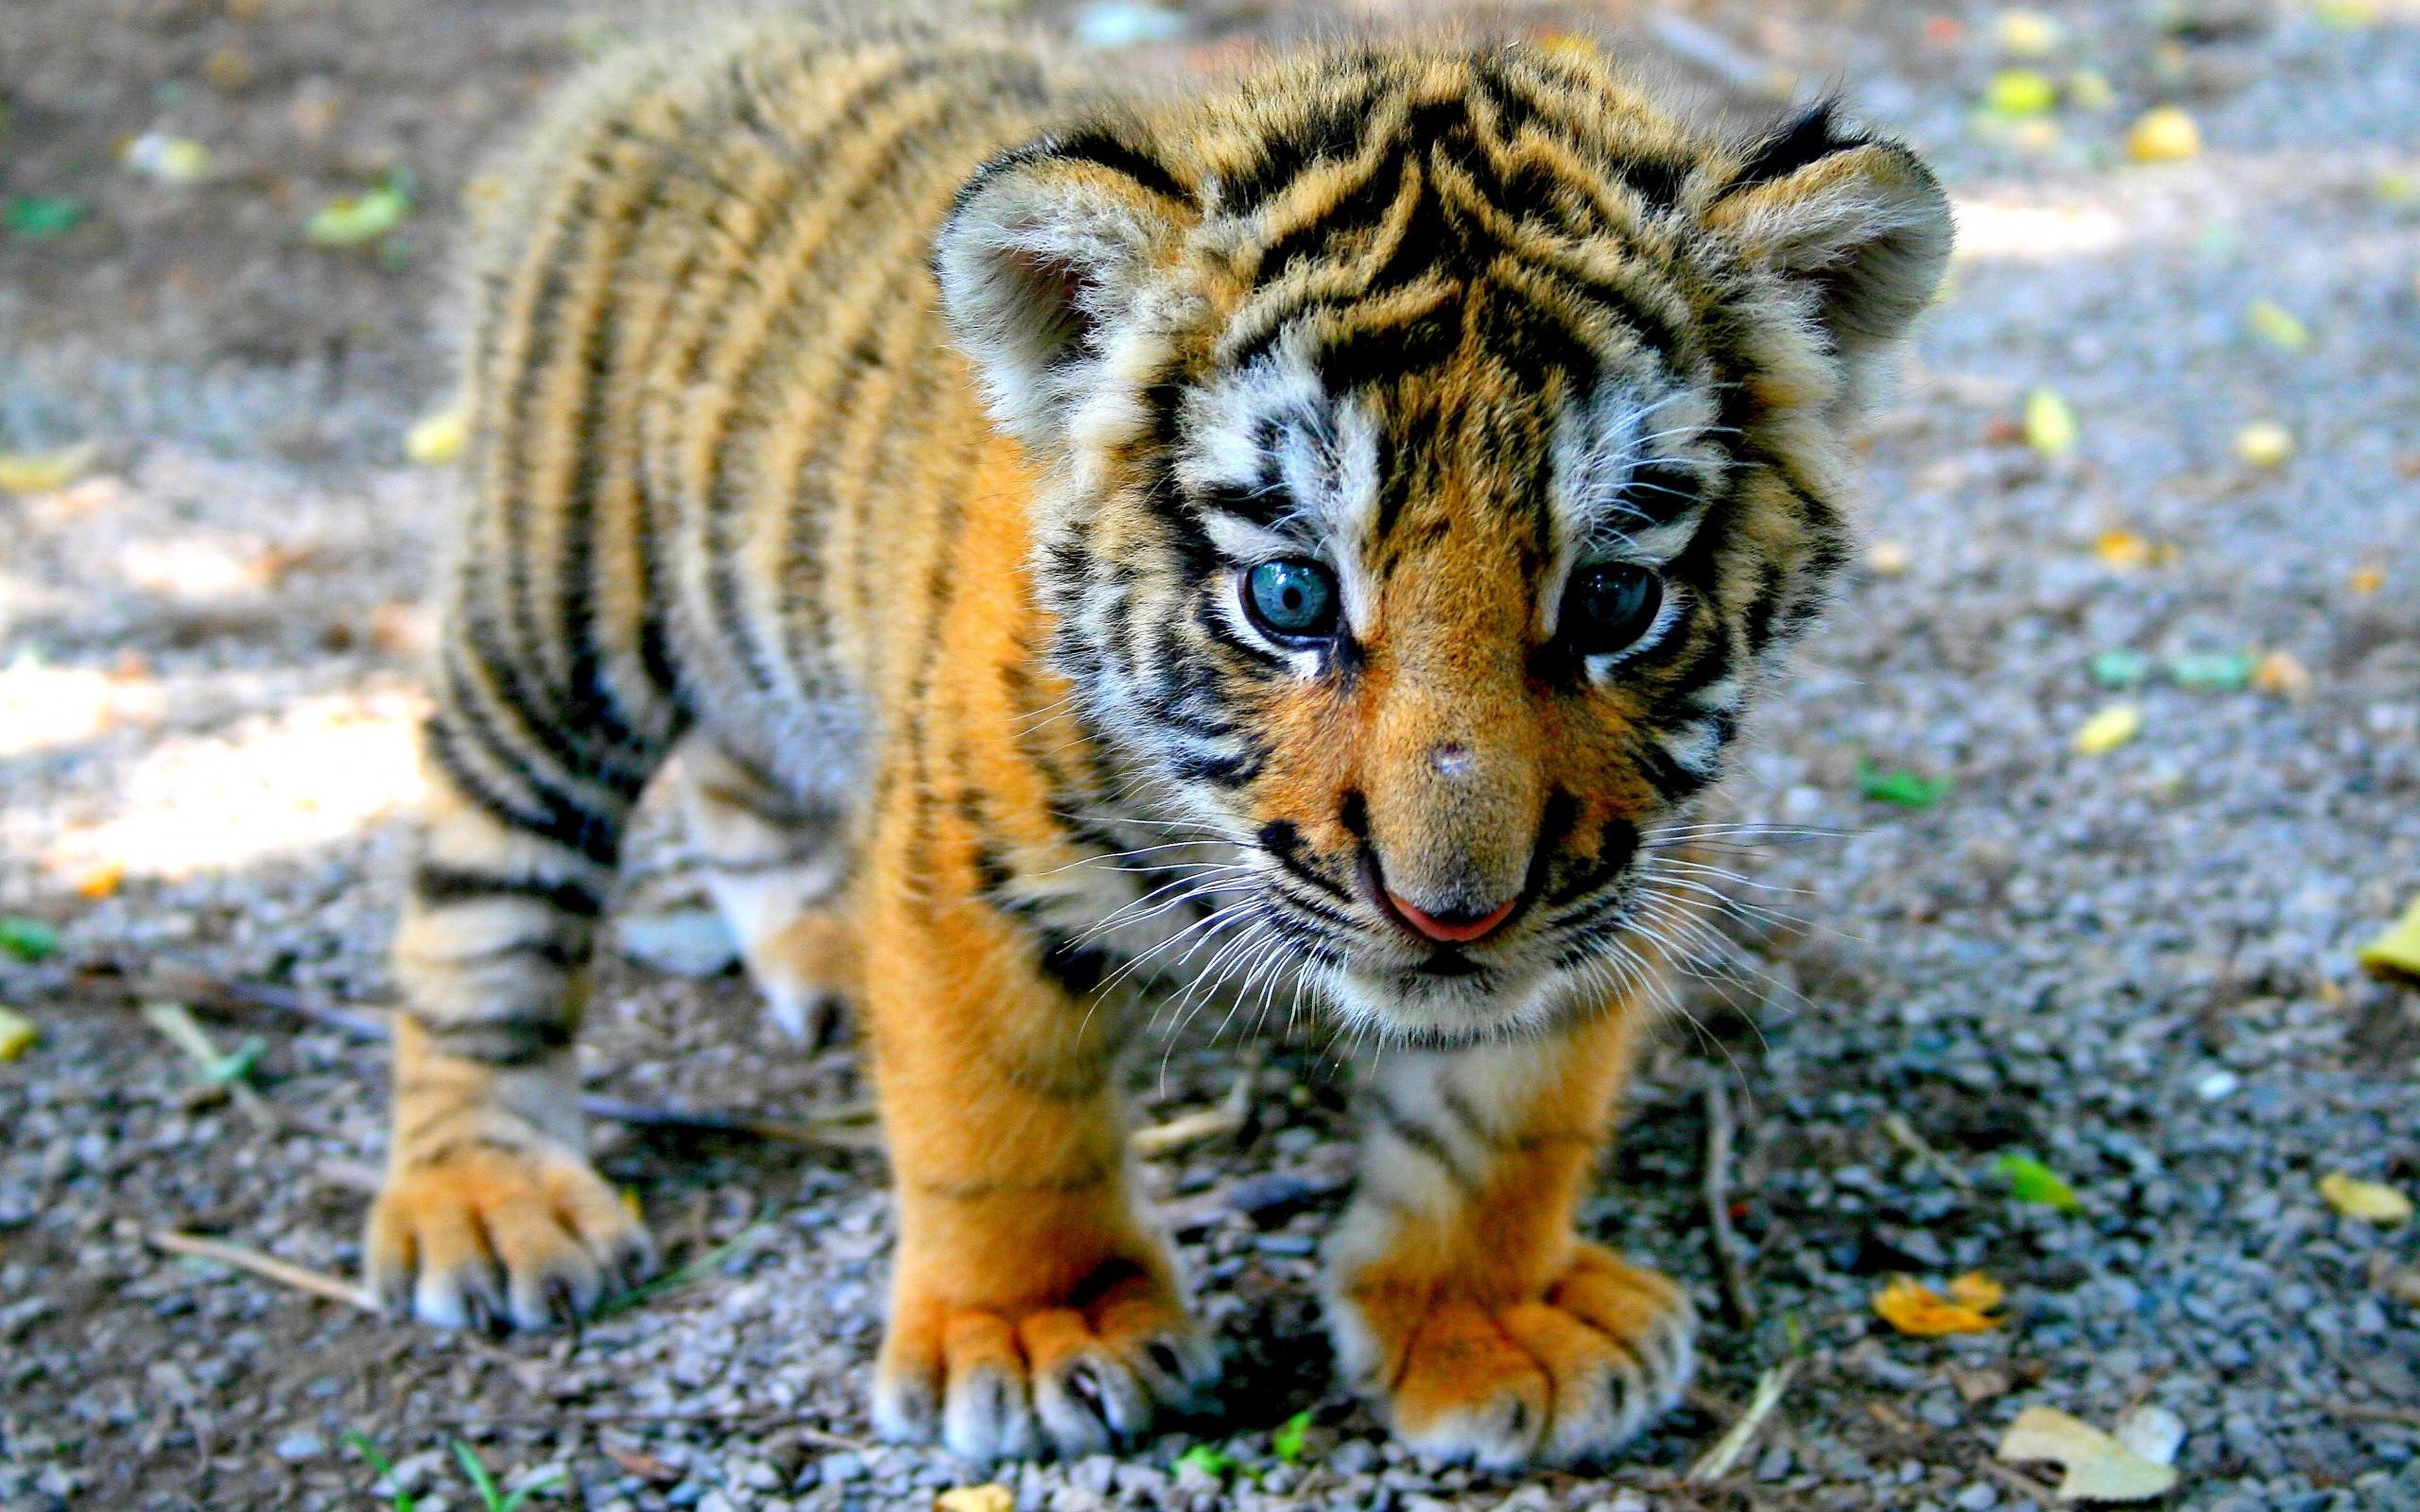 Cute Tiger Cub Wallpapers 37065 5f2560x1600 133607 HD 2560x1600